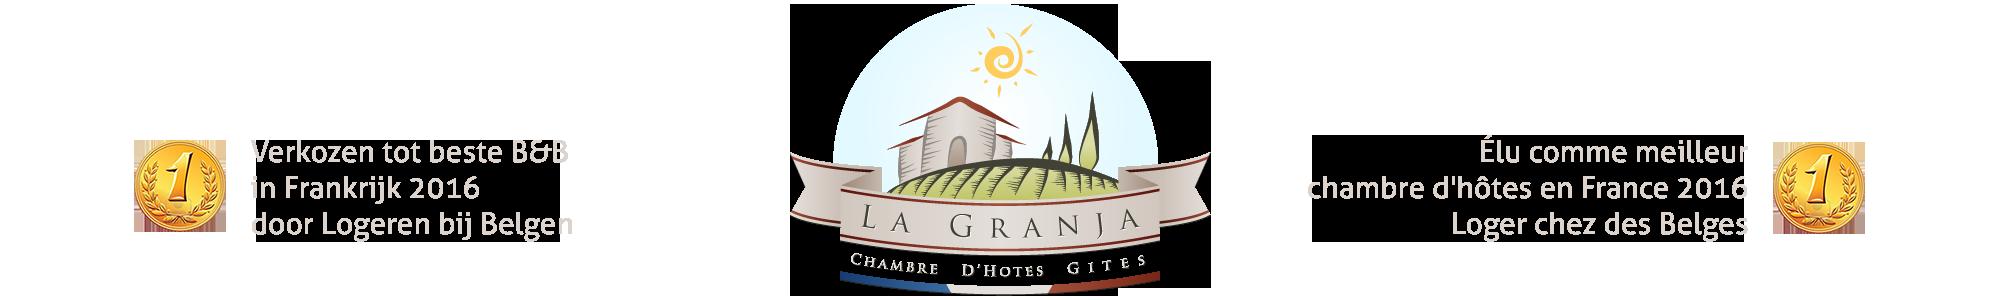 La Granja – Chambre d'Hôtes & Gîtes